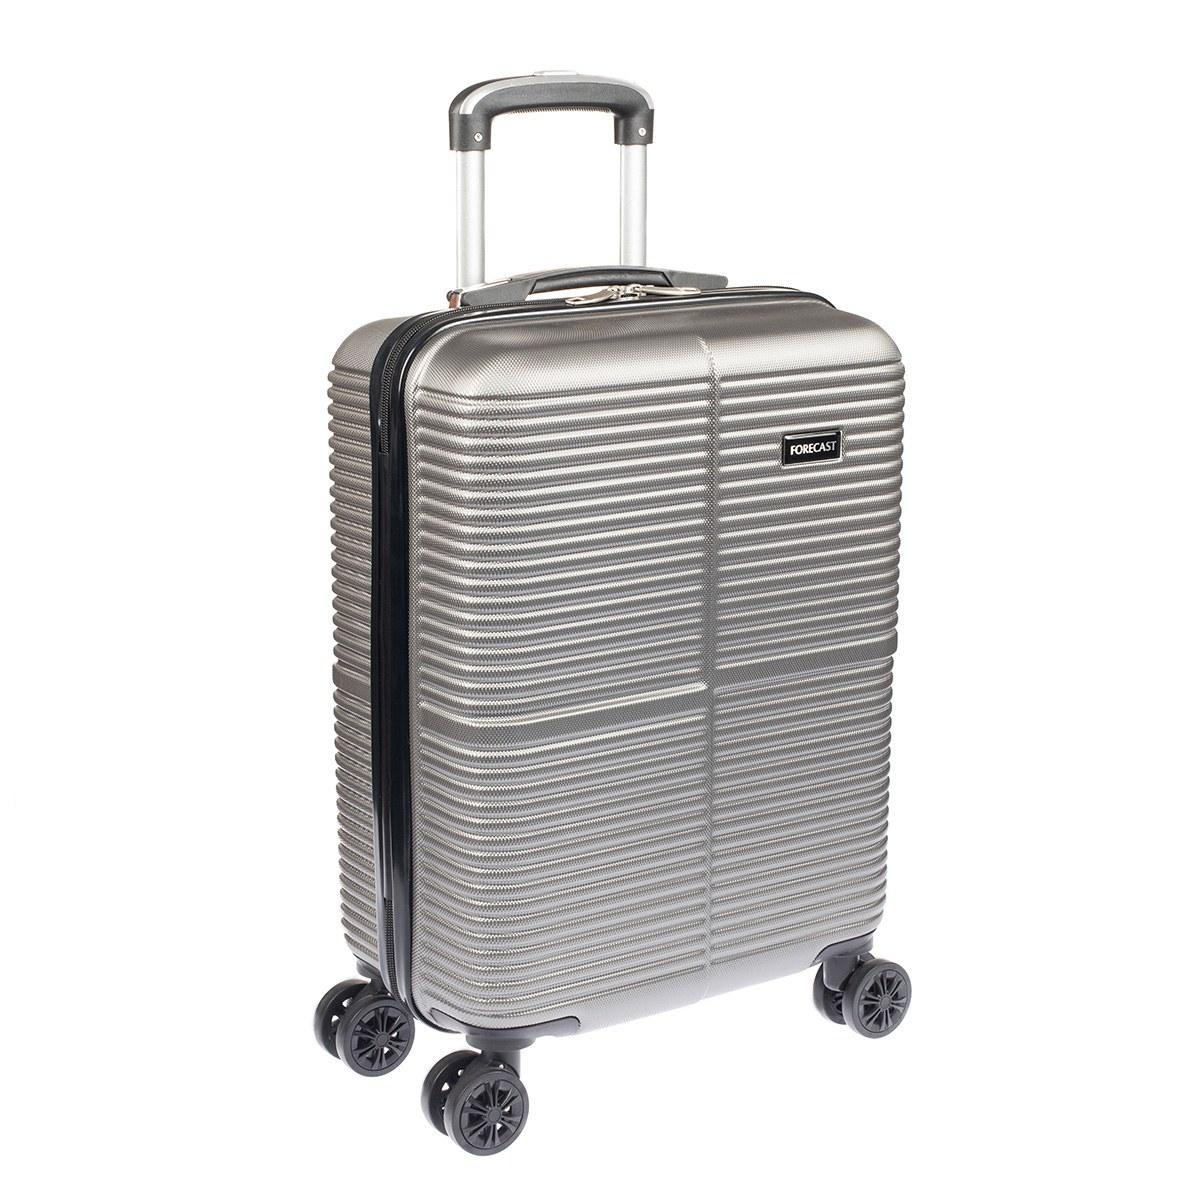 Forecast AF6013 cabin trolley σκληρή βαλίτσα ταξιδιού με ανθεκτικό κέλυφος ABS